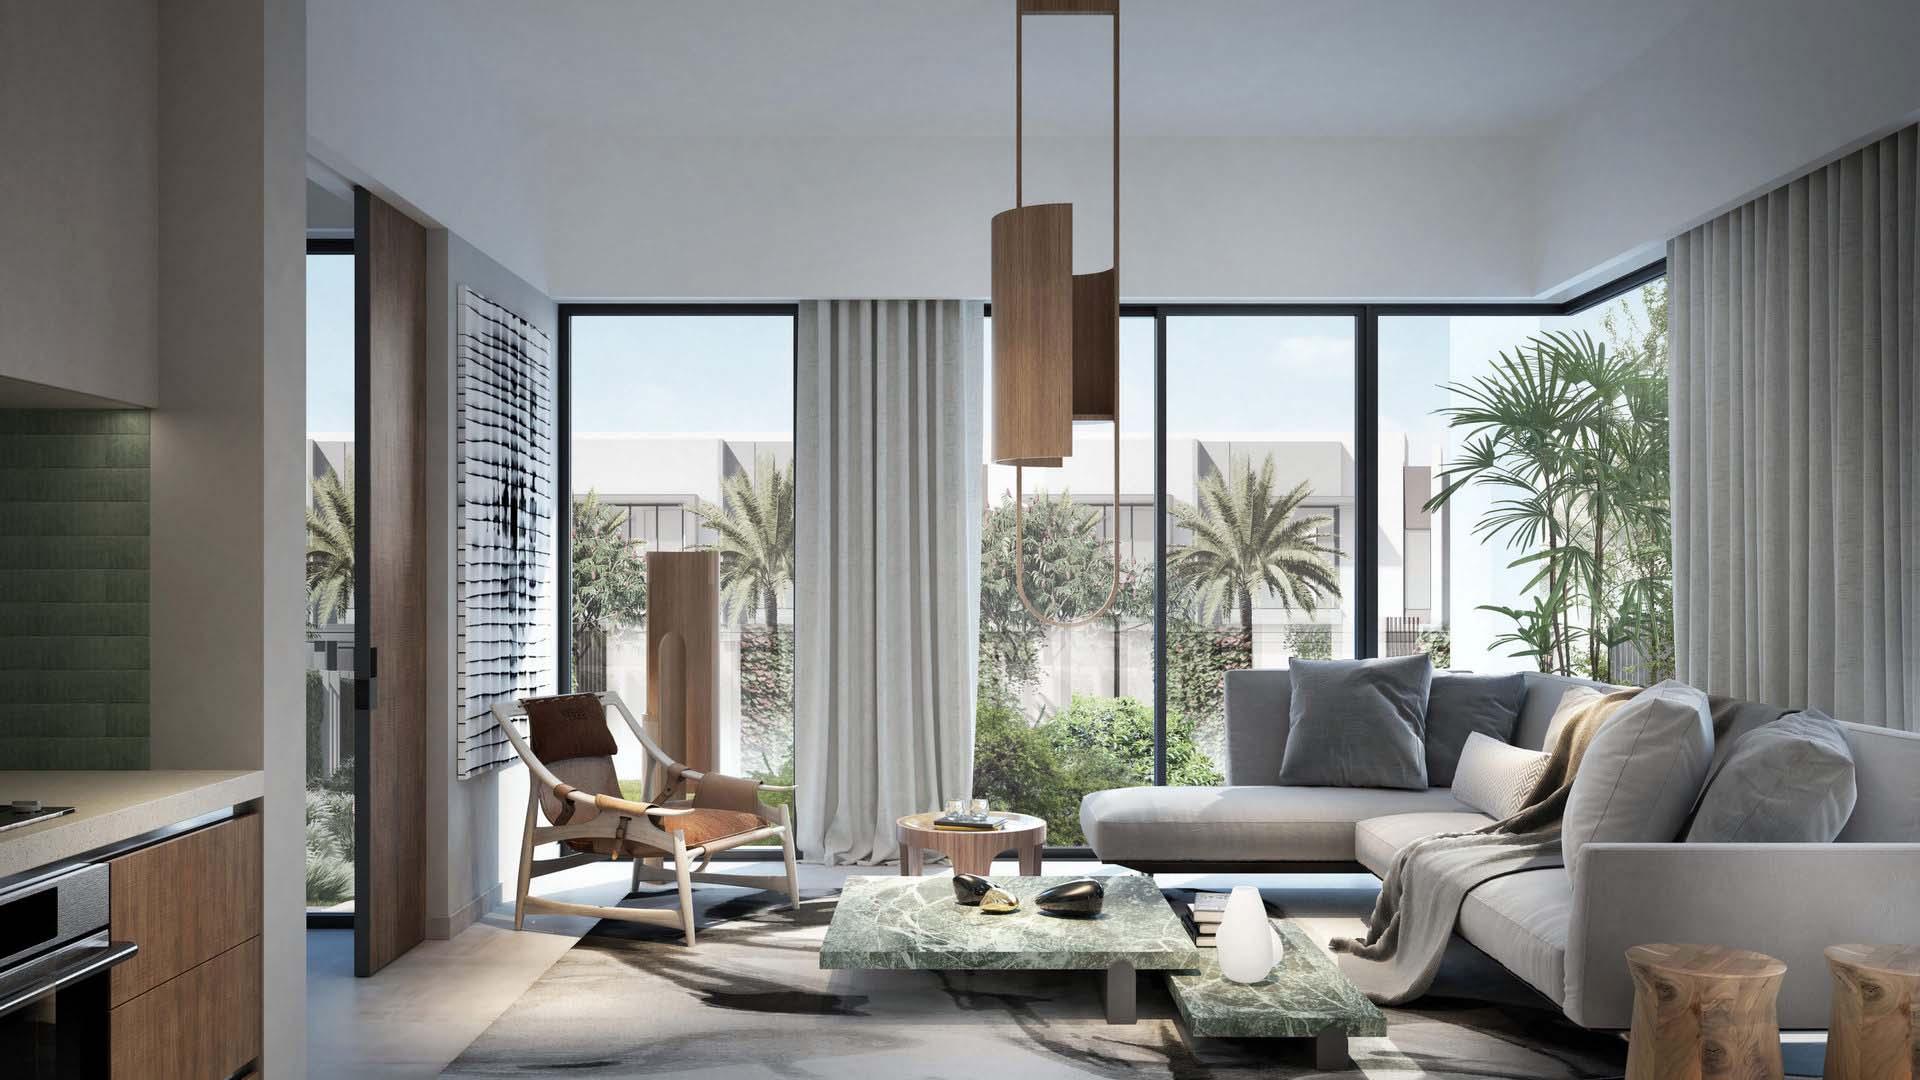 Villa en venta en Dubai, EAU, 4 dormitorios, 217 m2, № 24668 – foto 5